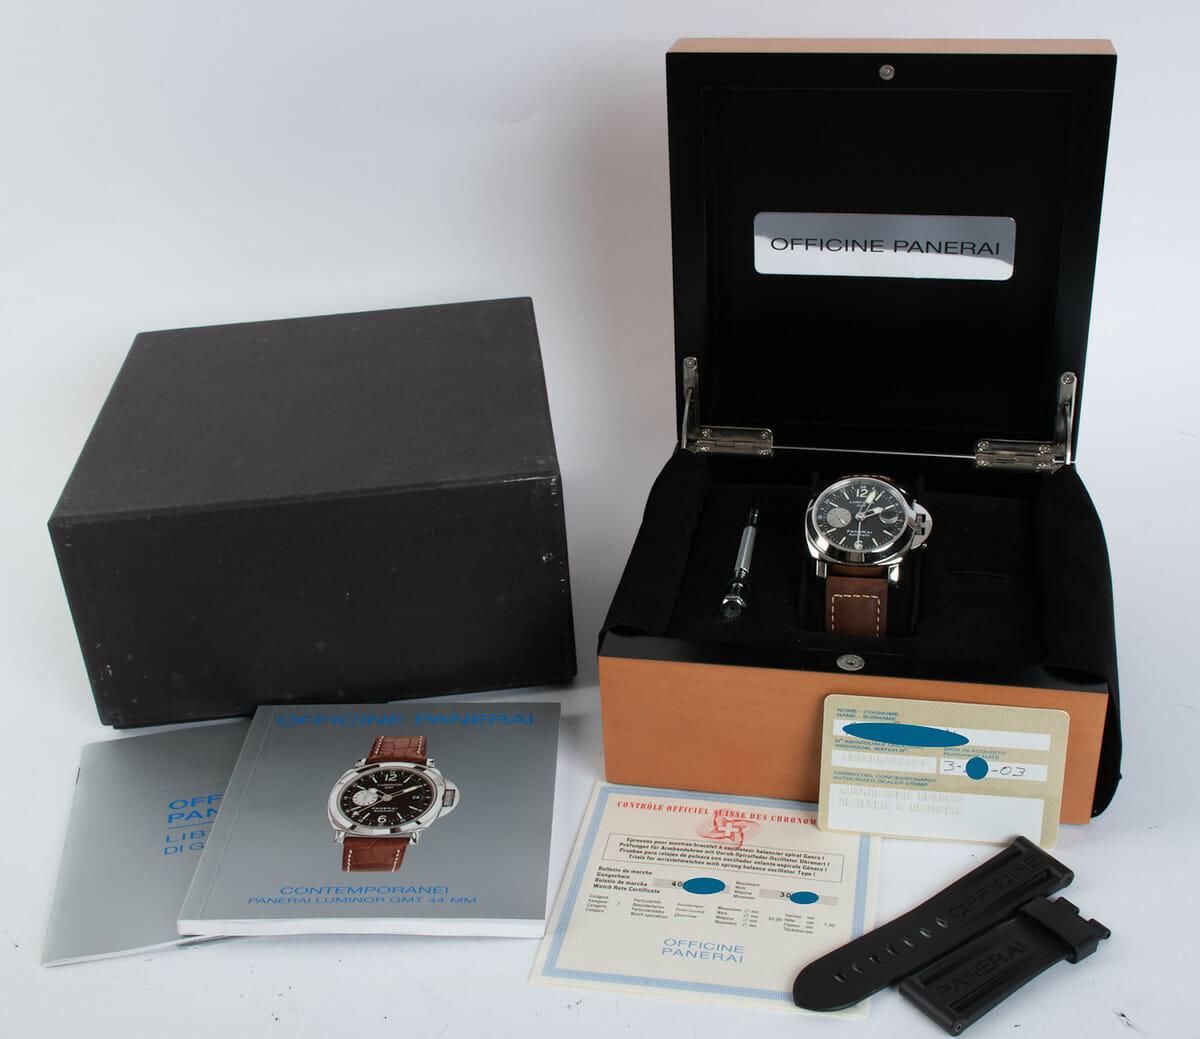 Box / Paper shot of Luminor GMT